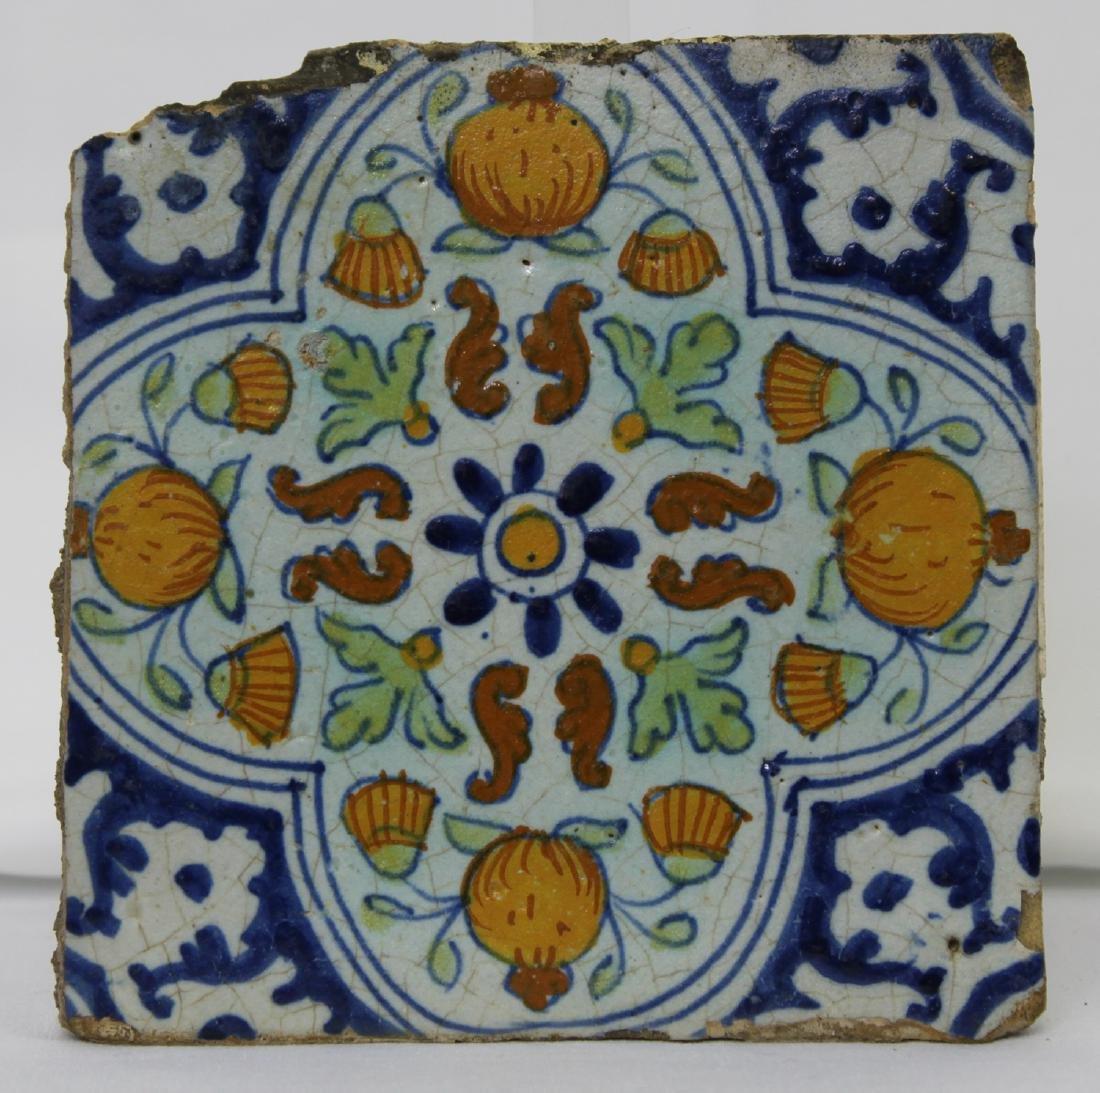 17 Century Dutch Delft Blue Colored Tile - 3